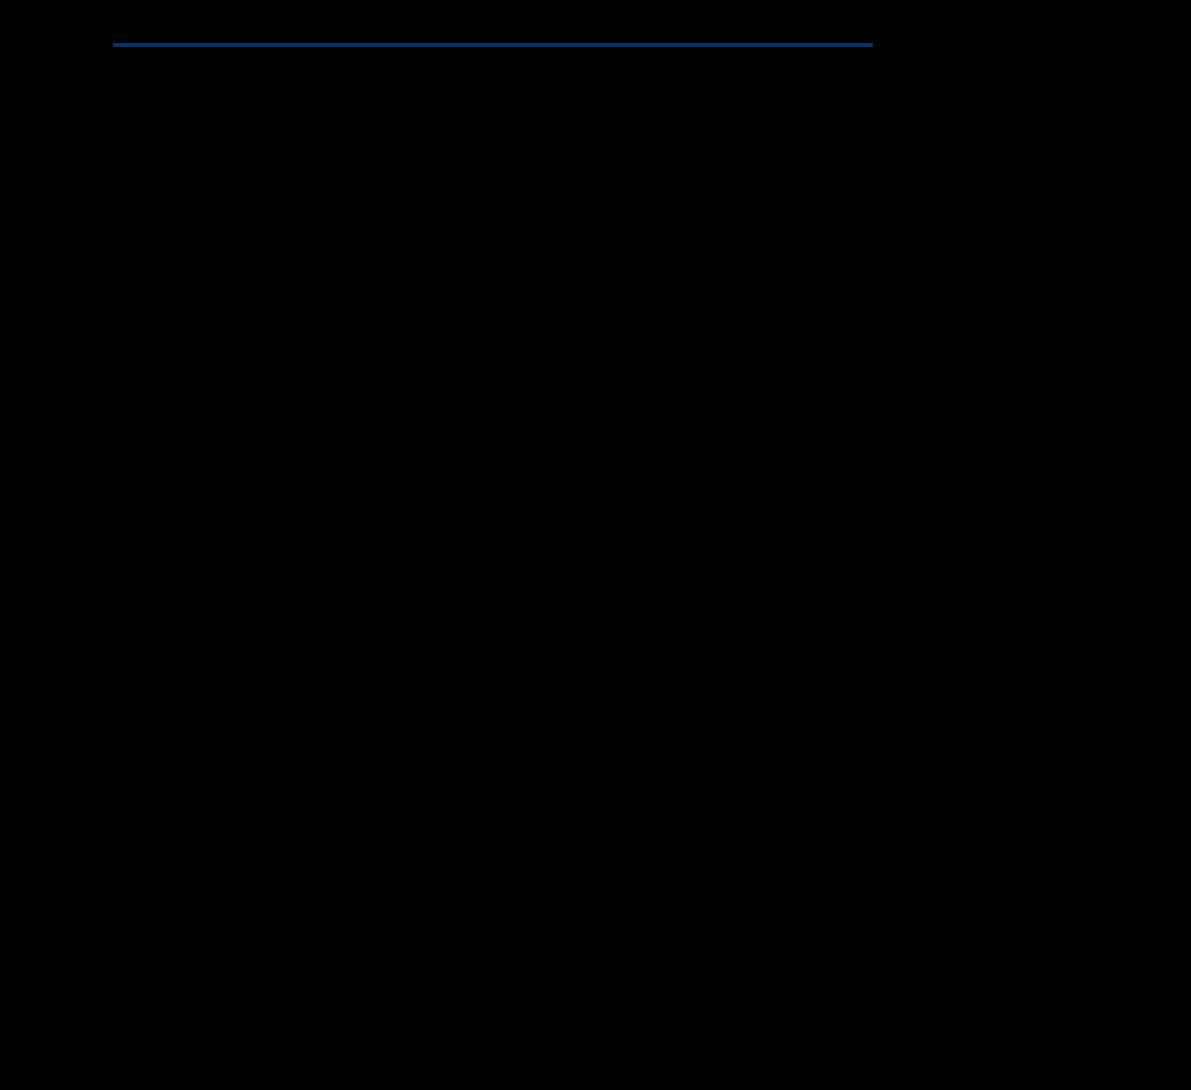 股票经典书籍排行榜(股票经典书籍推荐)插图2